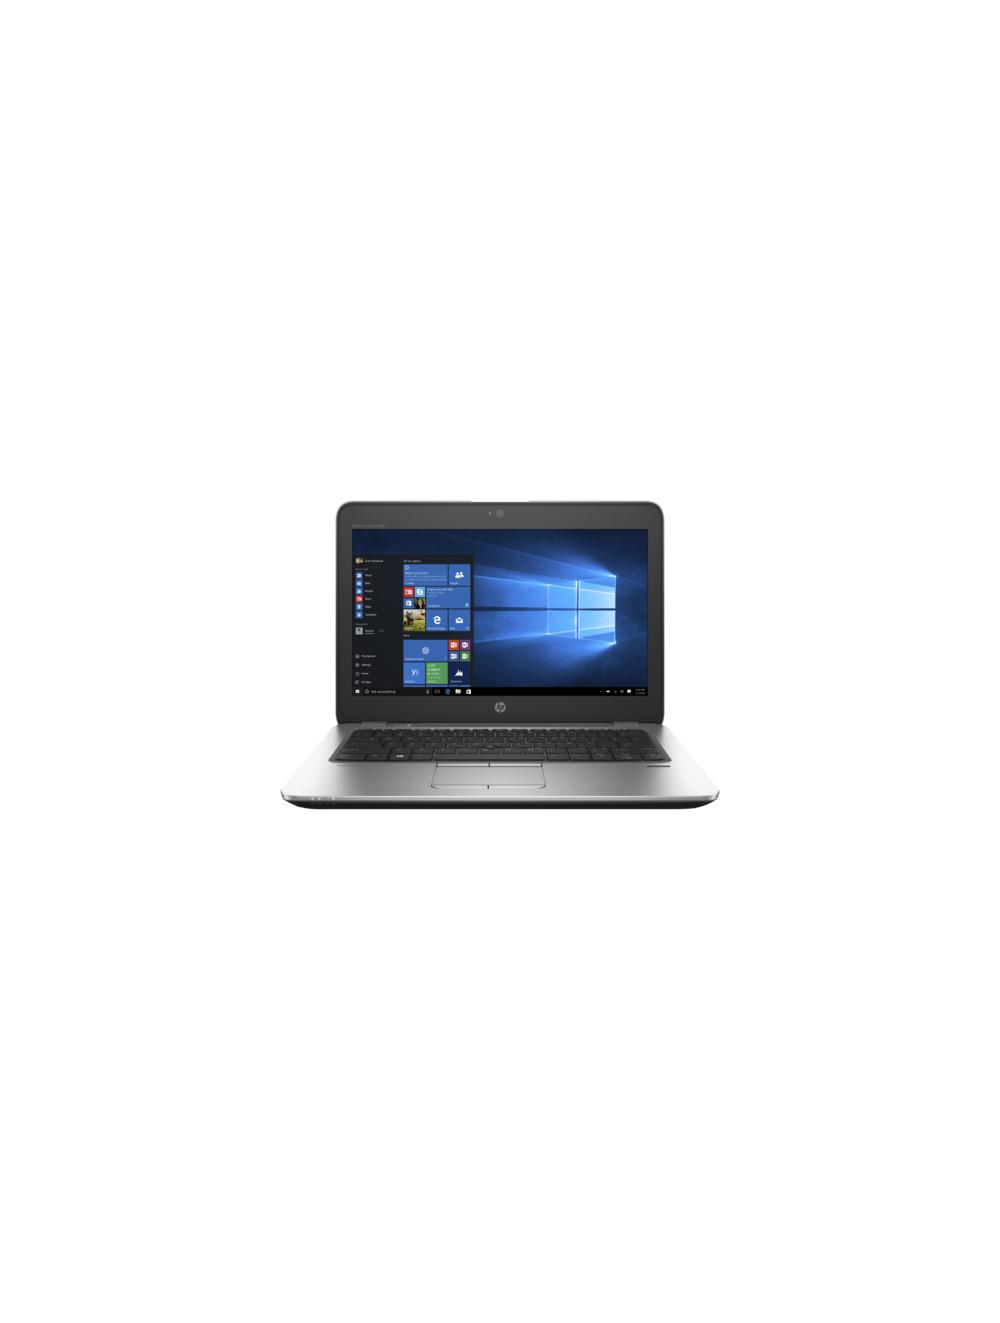 Ordinateur Portable Hp Elitebook 820 G3, I7-6500U, 8G 256Ssd - T9X53Ea Au  Maroc destiné Ordinateur 3 Ans